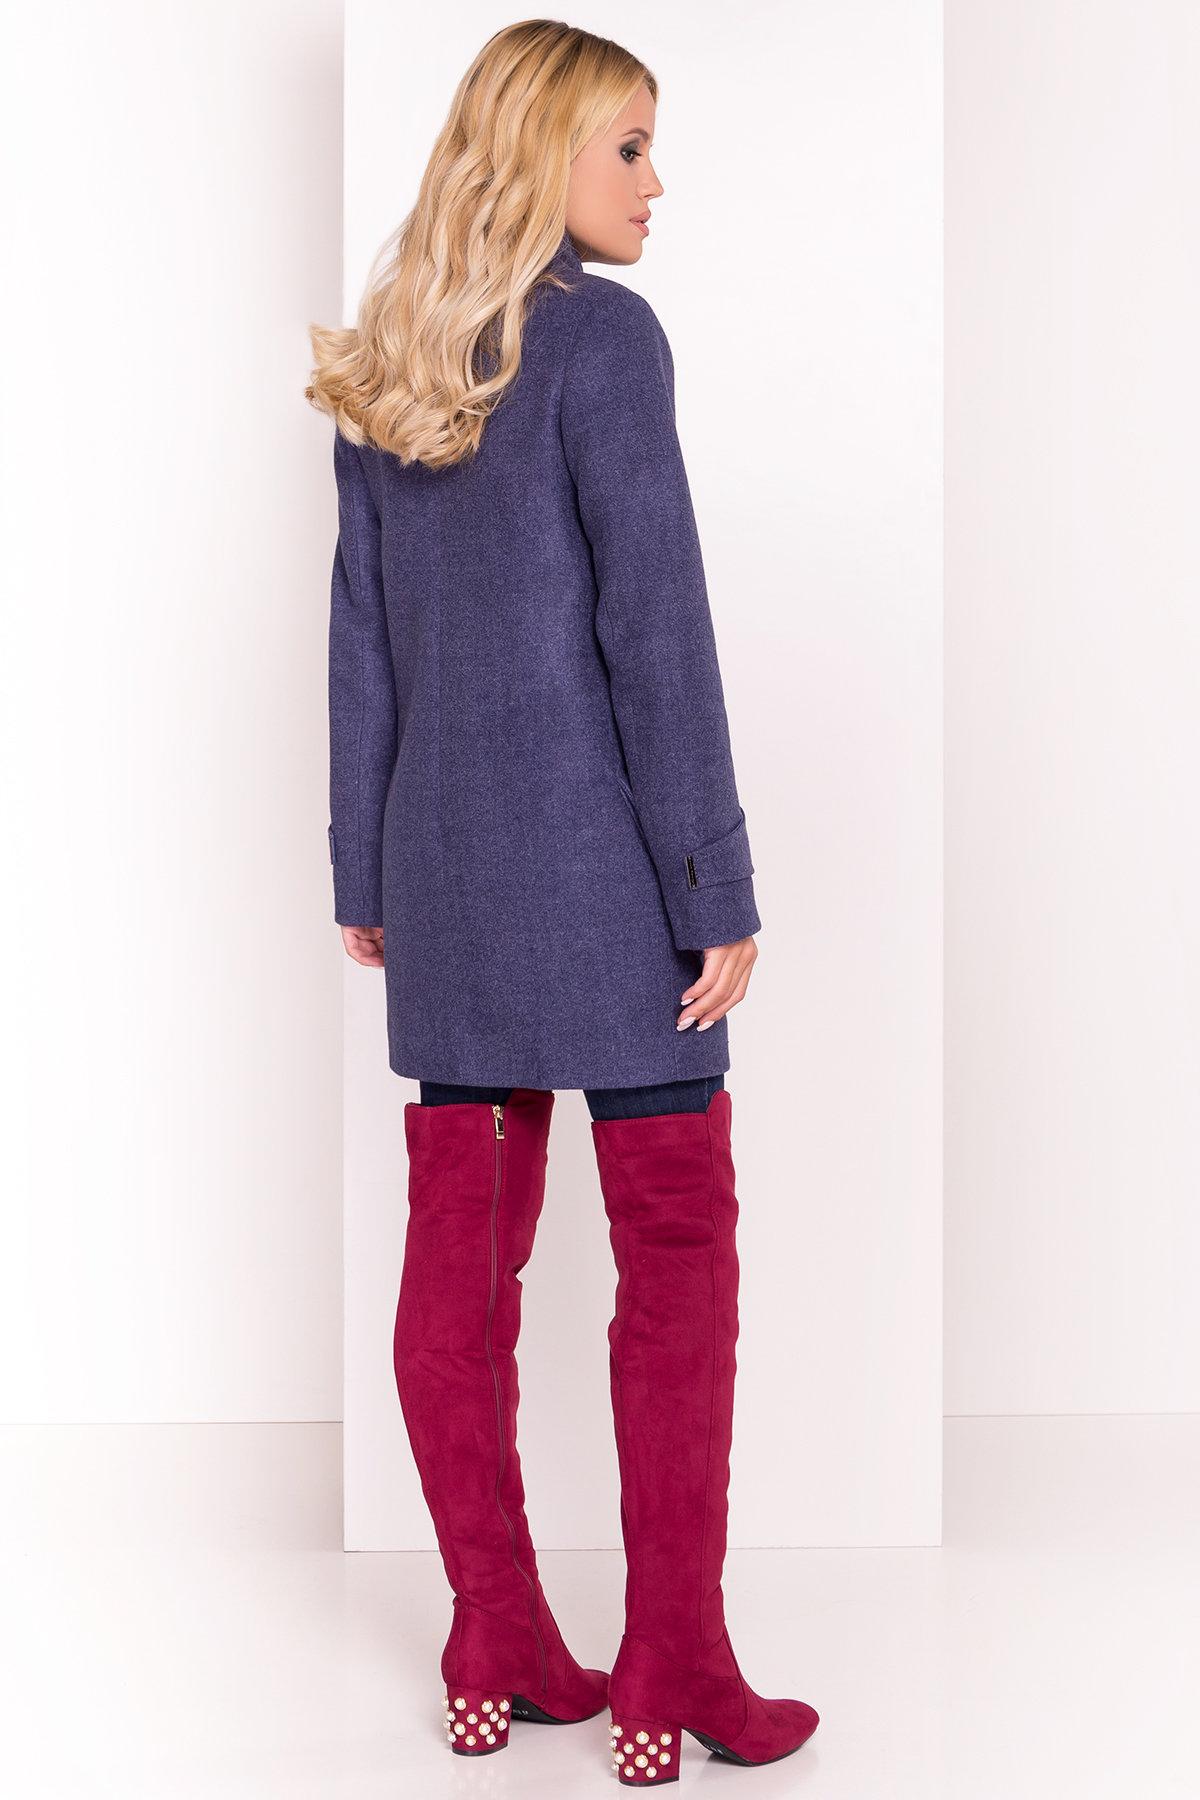 Демисезонное пальто с воротником стойка Эста 5417 АРТ. 36788 Цвет: Джинс - фото 4, интернет магазин tm-modus.ru